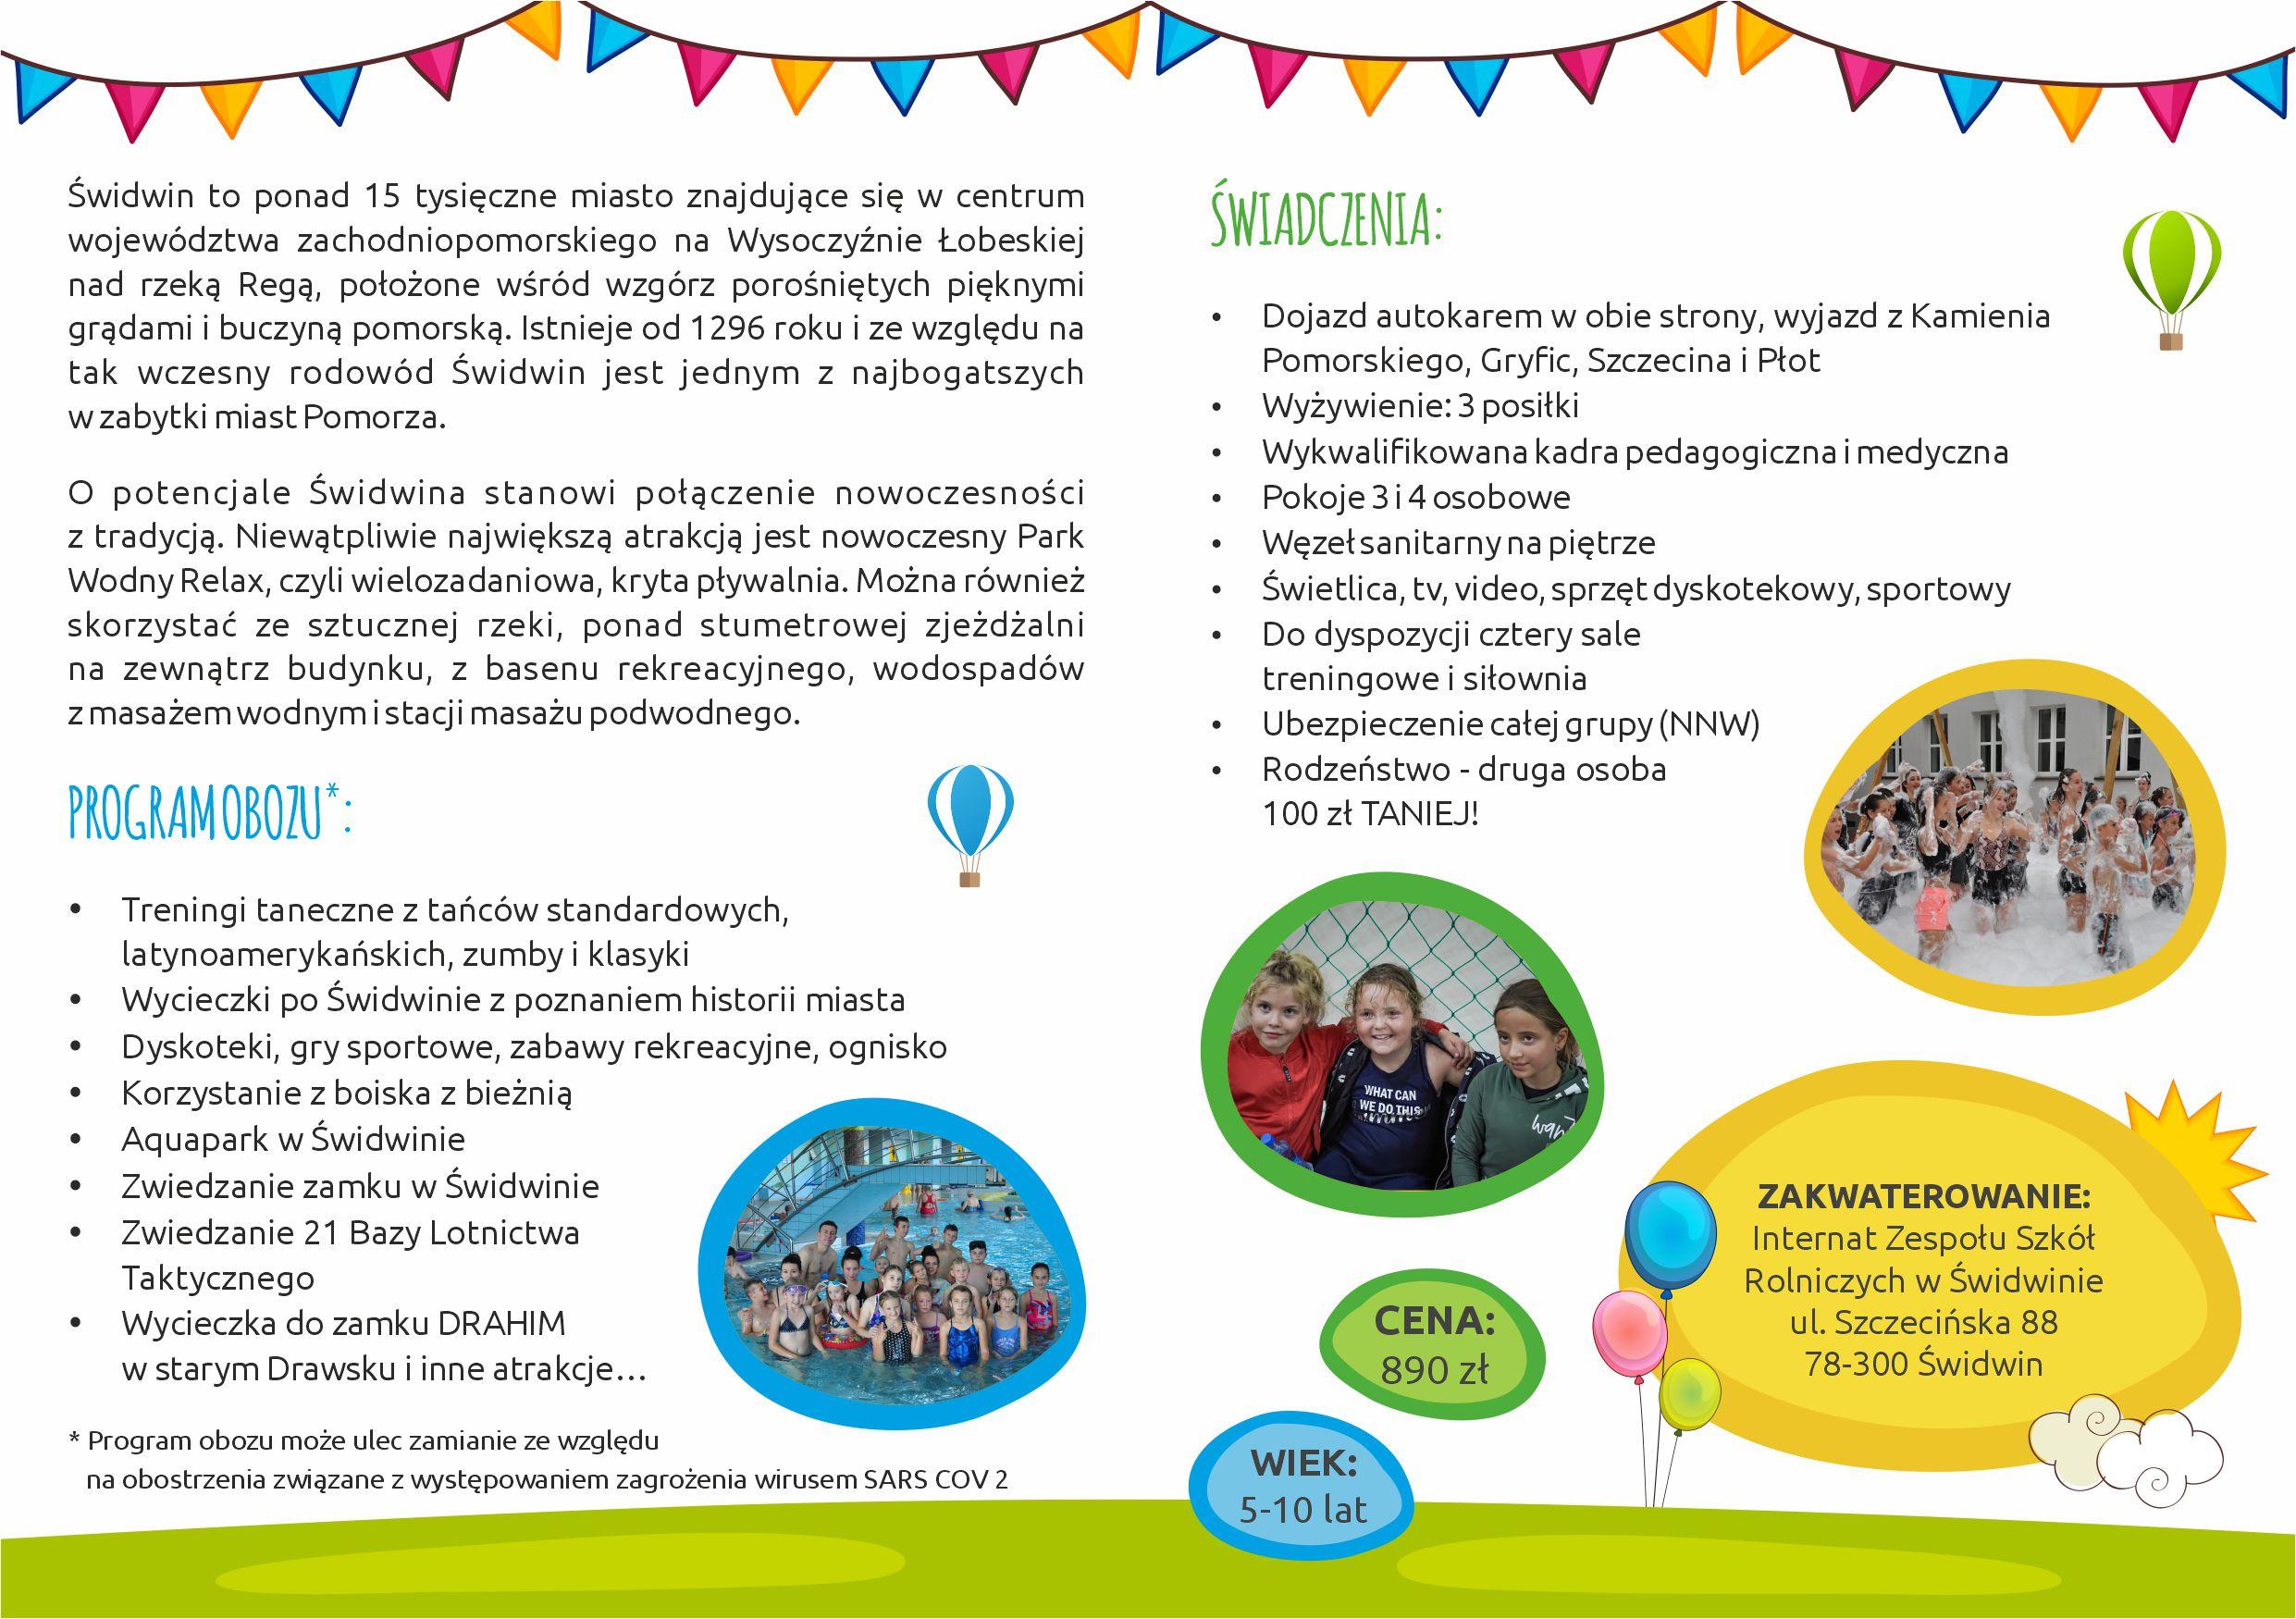 focus ulotka dla dzieci oboz2021 2